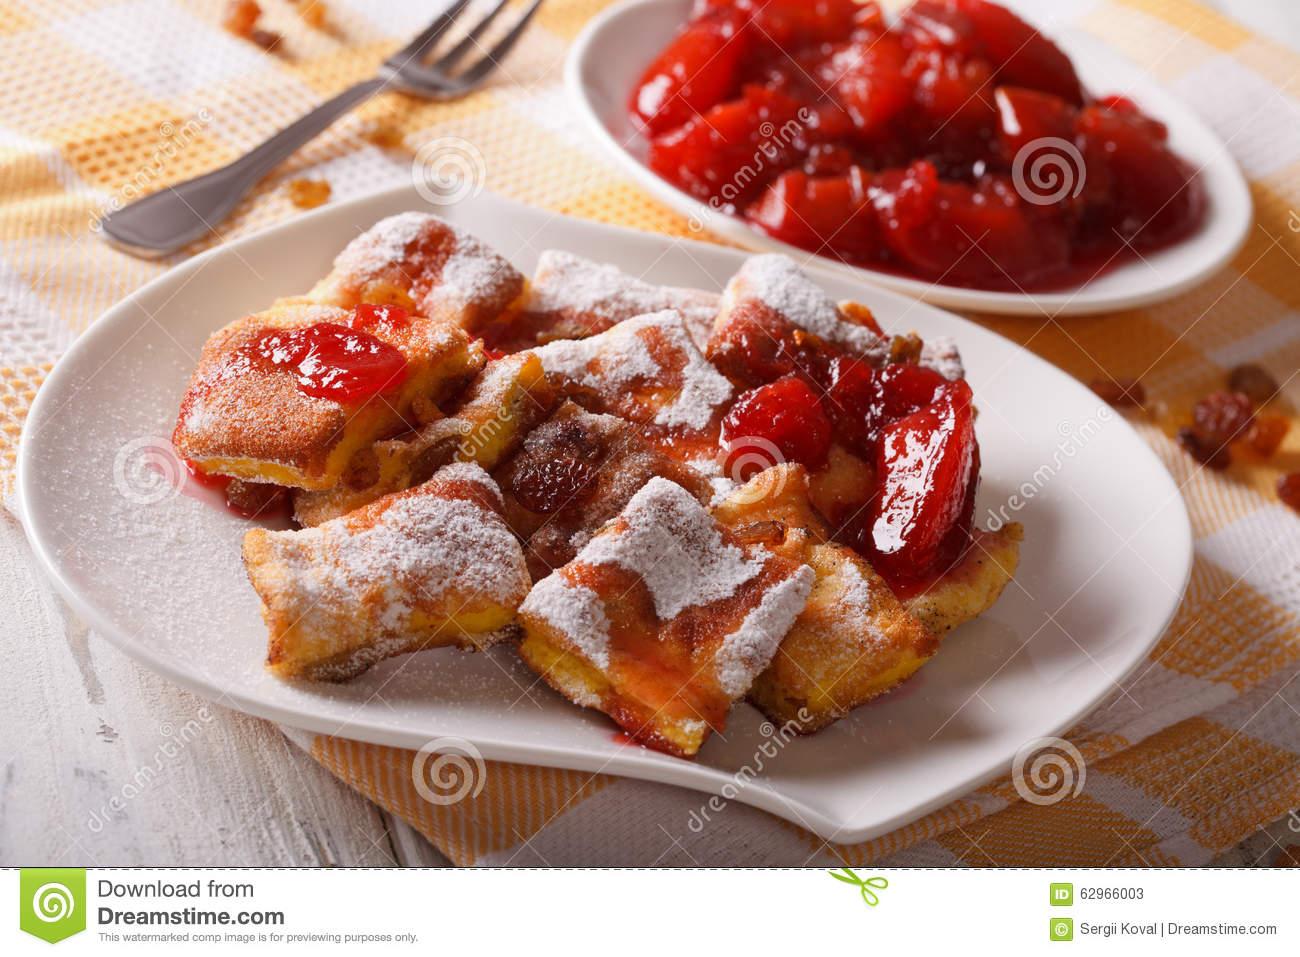 Austrian Omelette Kaiserschmarrn With Plum Sauce Closeup. Horizo.